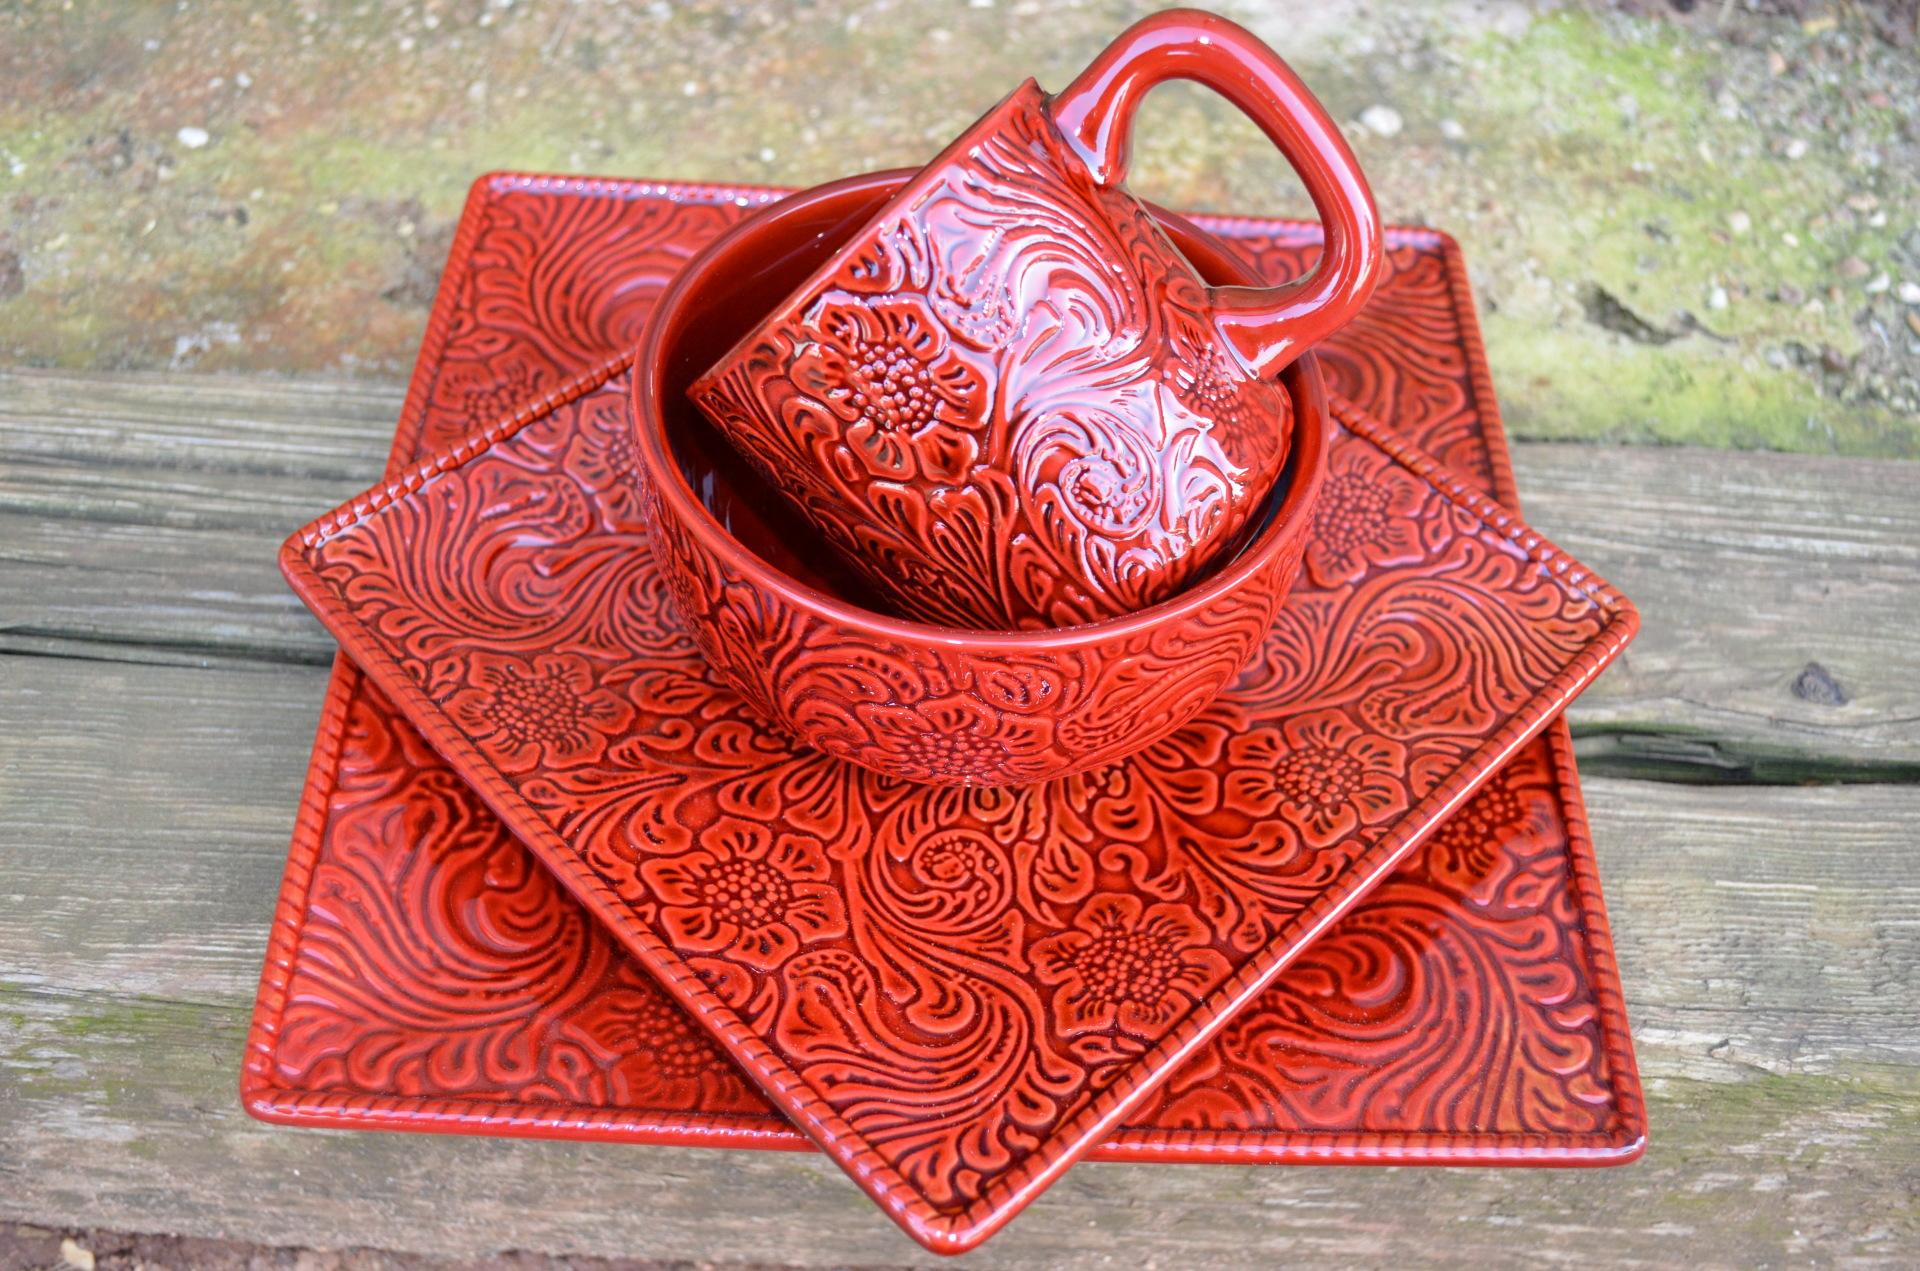 Burgundy Tooled Leather Dish Set